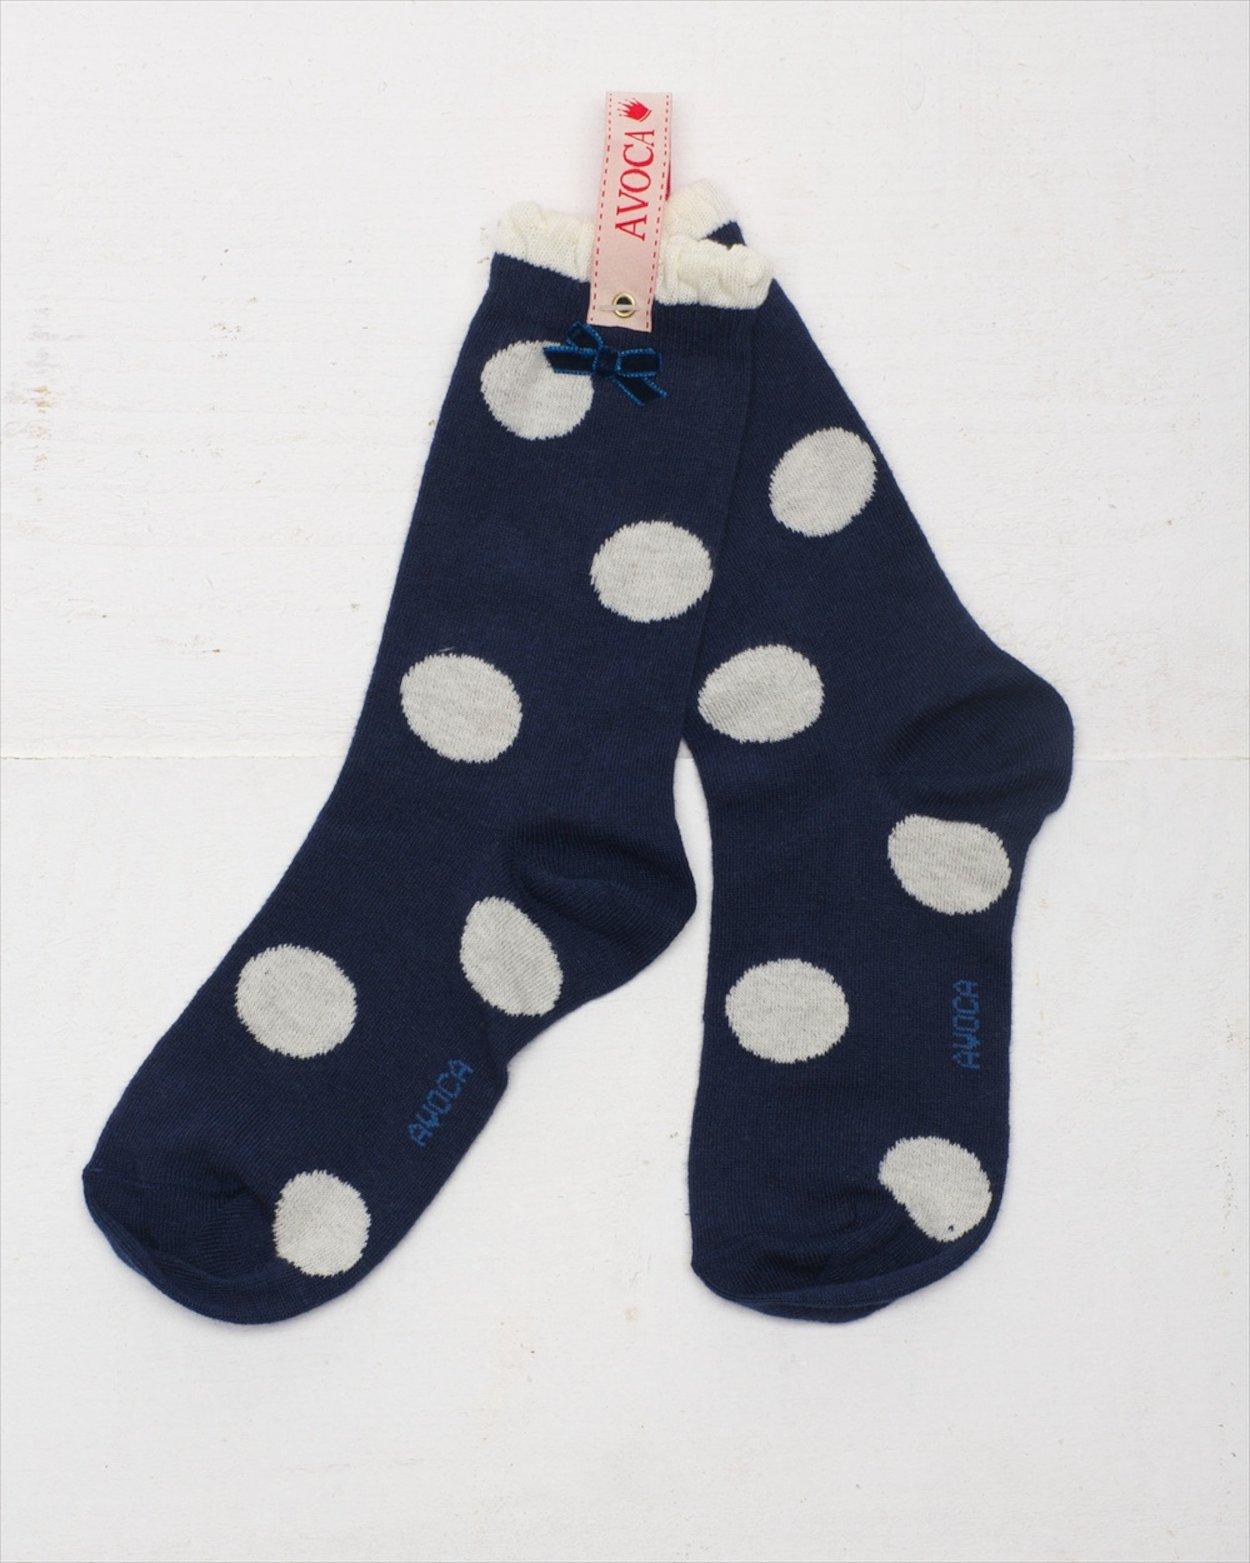 Polka Dot Ankle Socks